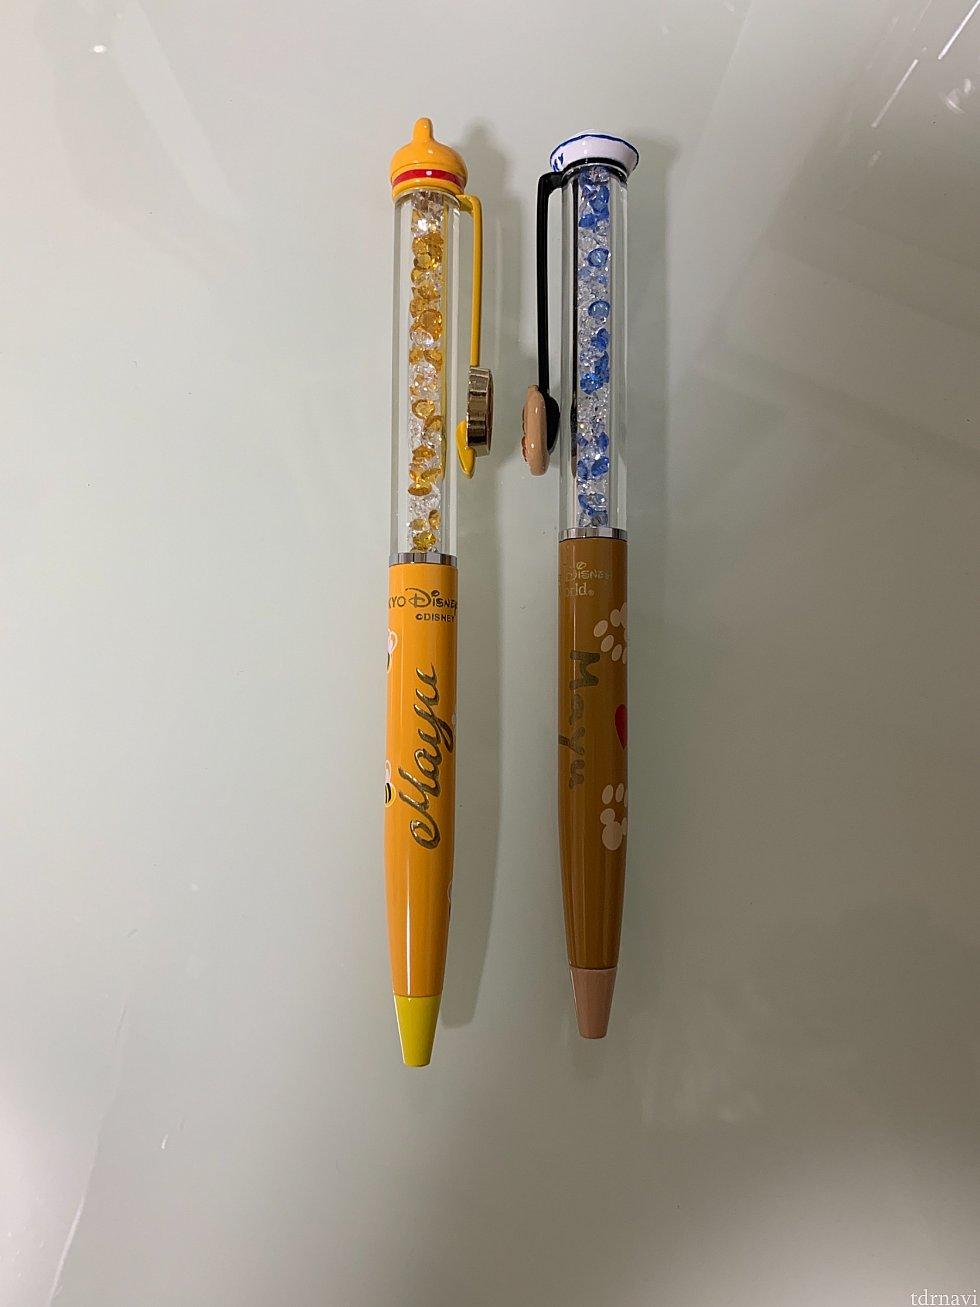 日本で購入したプーさんのボールペンと比較。